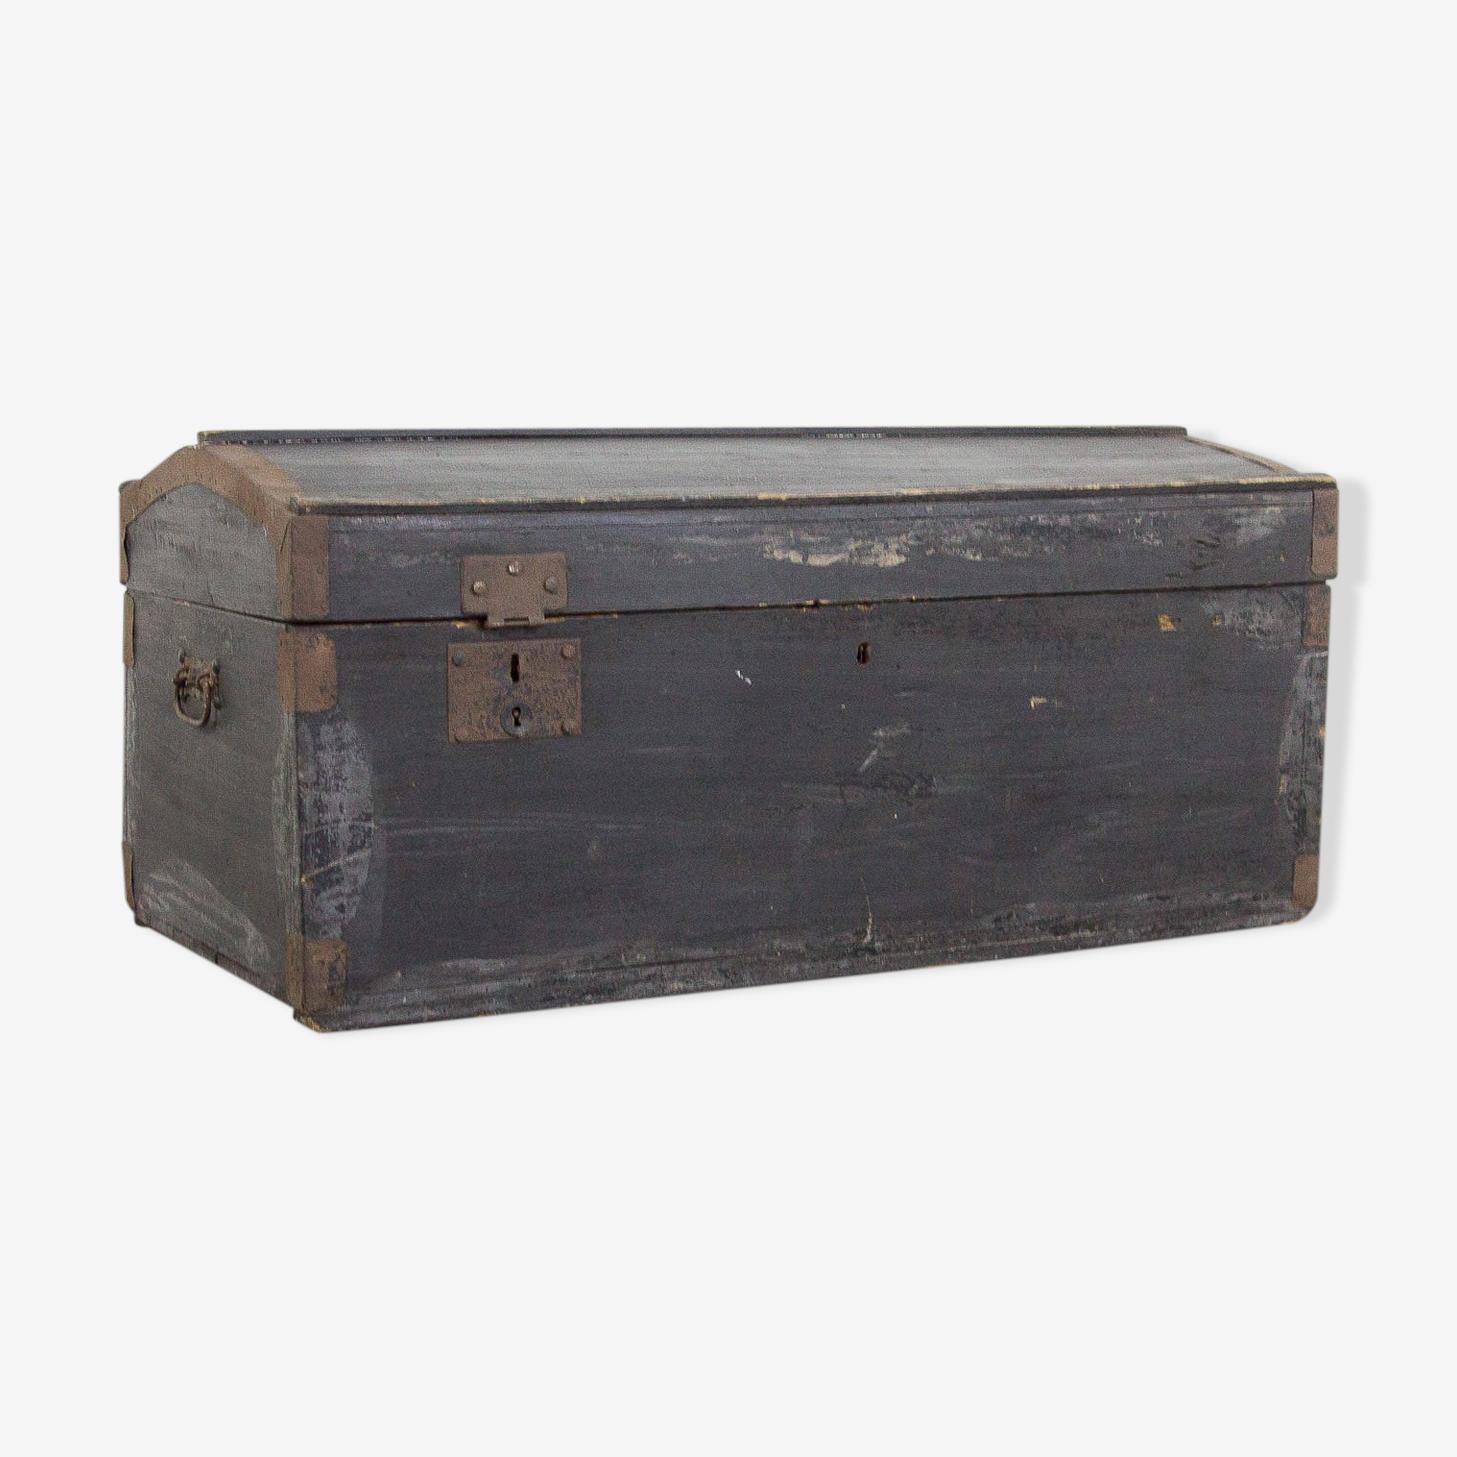 Black vintage wooden trunk